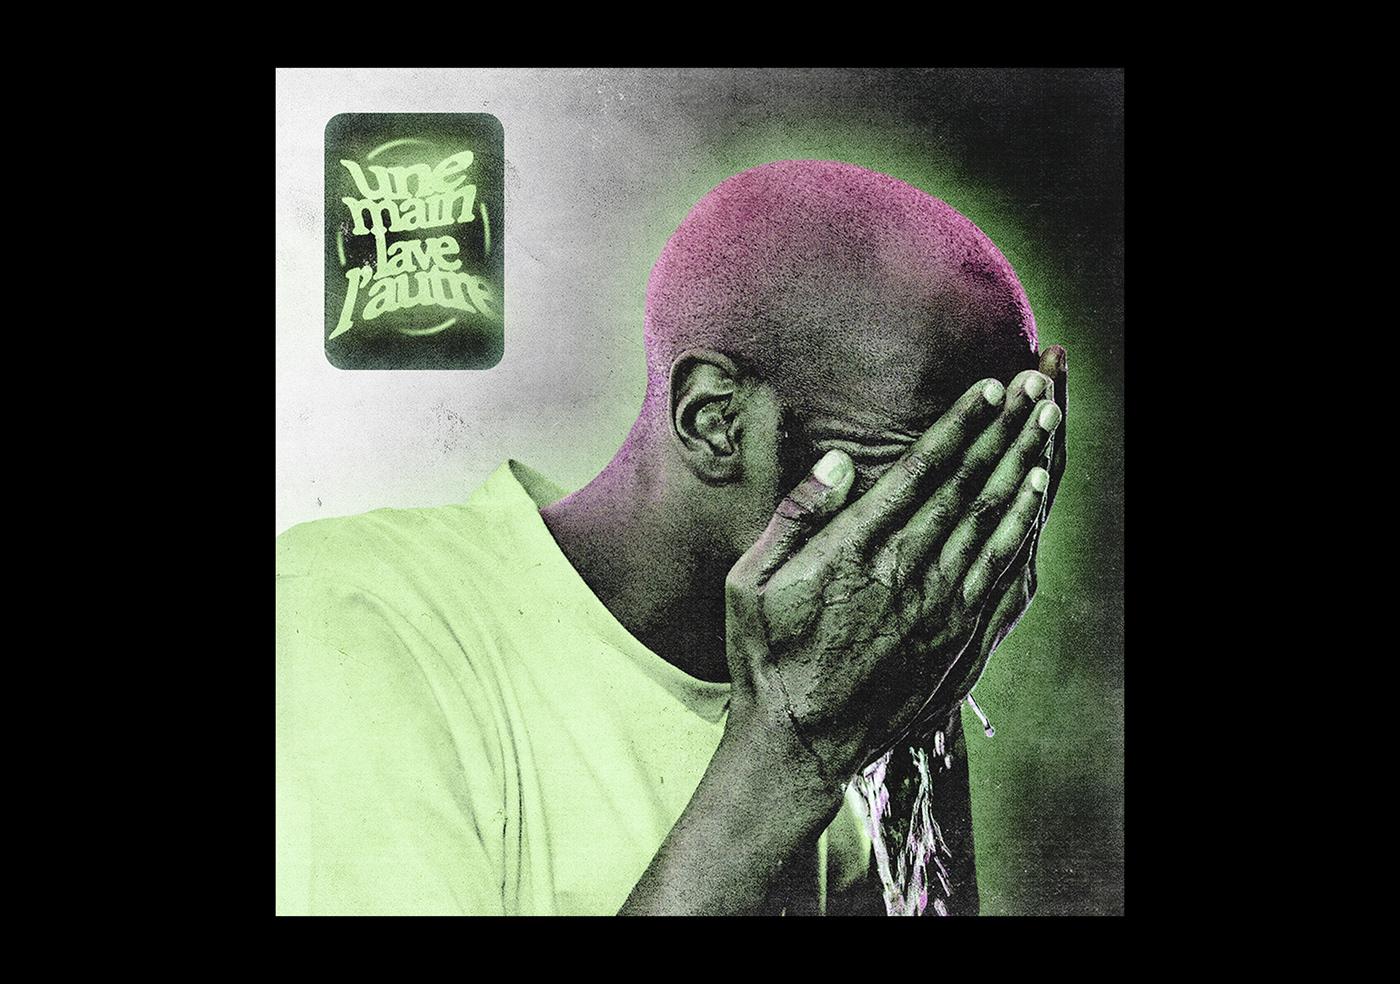 cd cover vinyl art direction  CD cover Cover Art digital design graphic design  music album Music Packaging